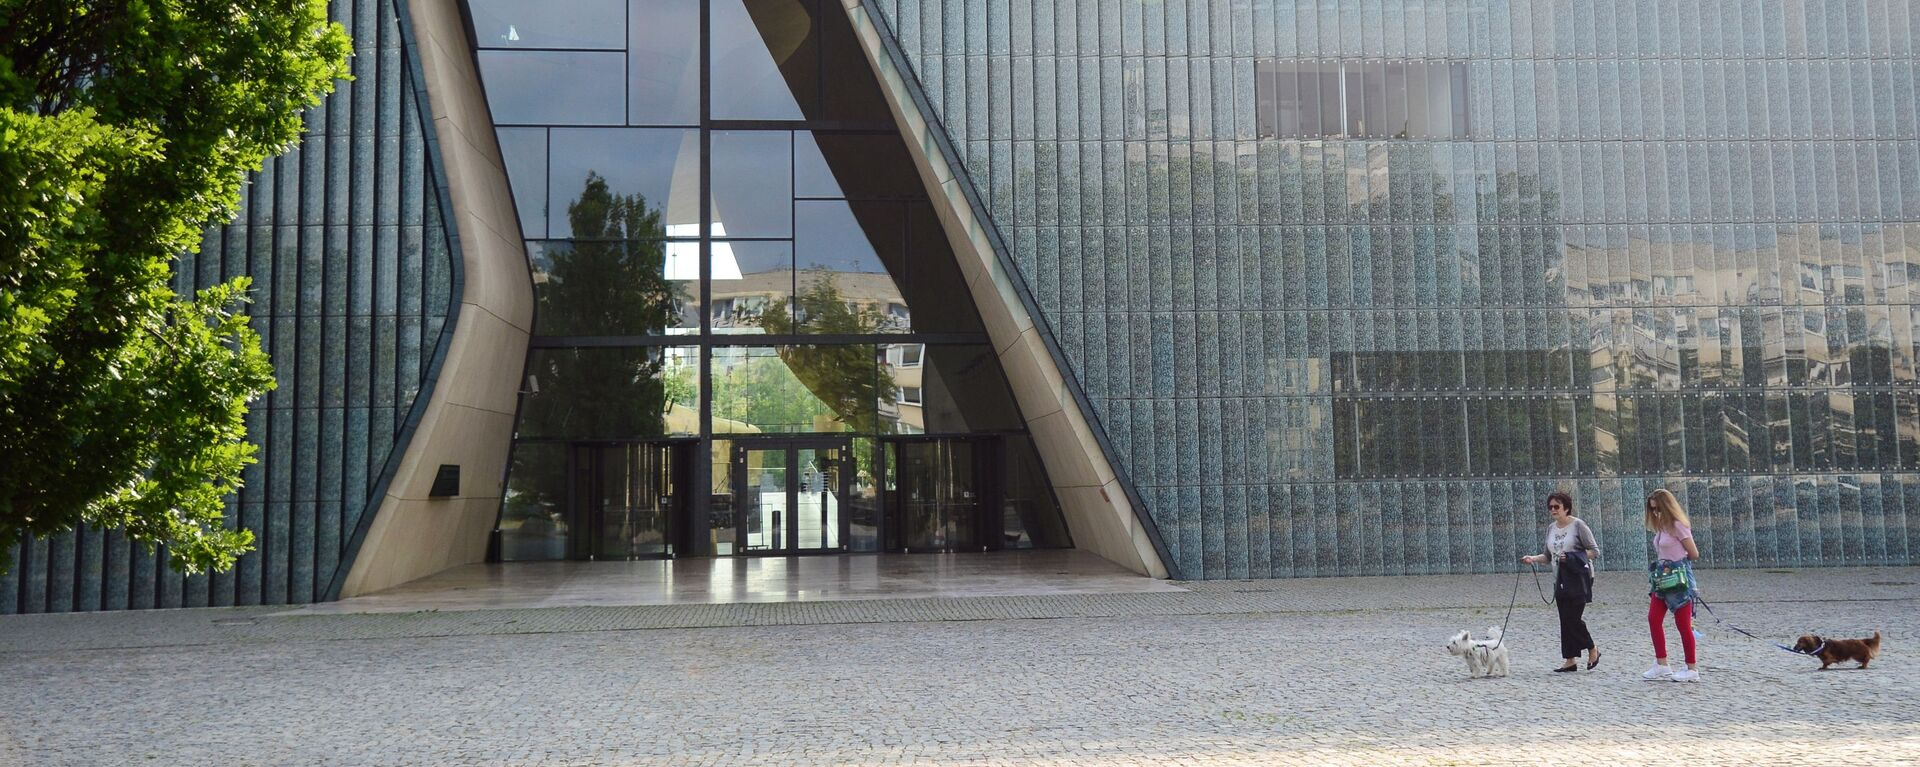 Muzeum Historii Żydów Polskich POLIN w Warszawie - Sputnik Polska, 1920, 01.07.2021